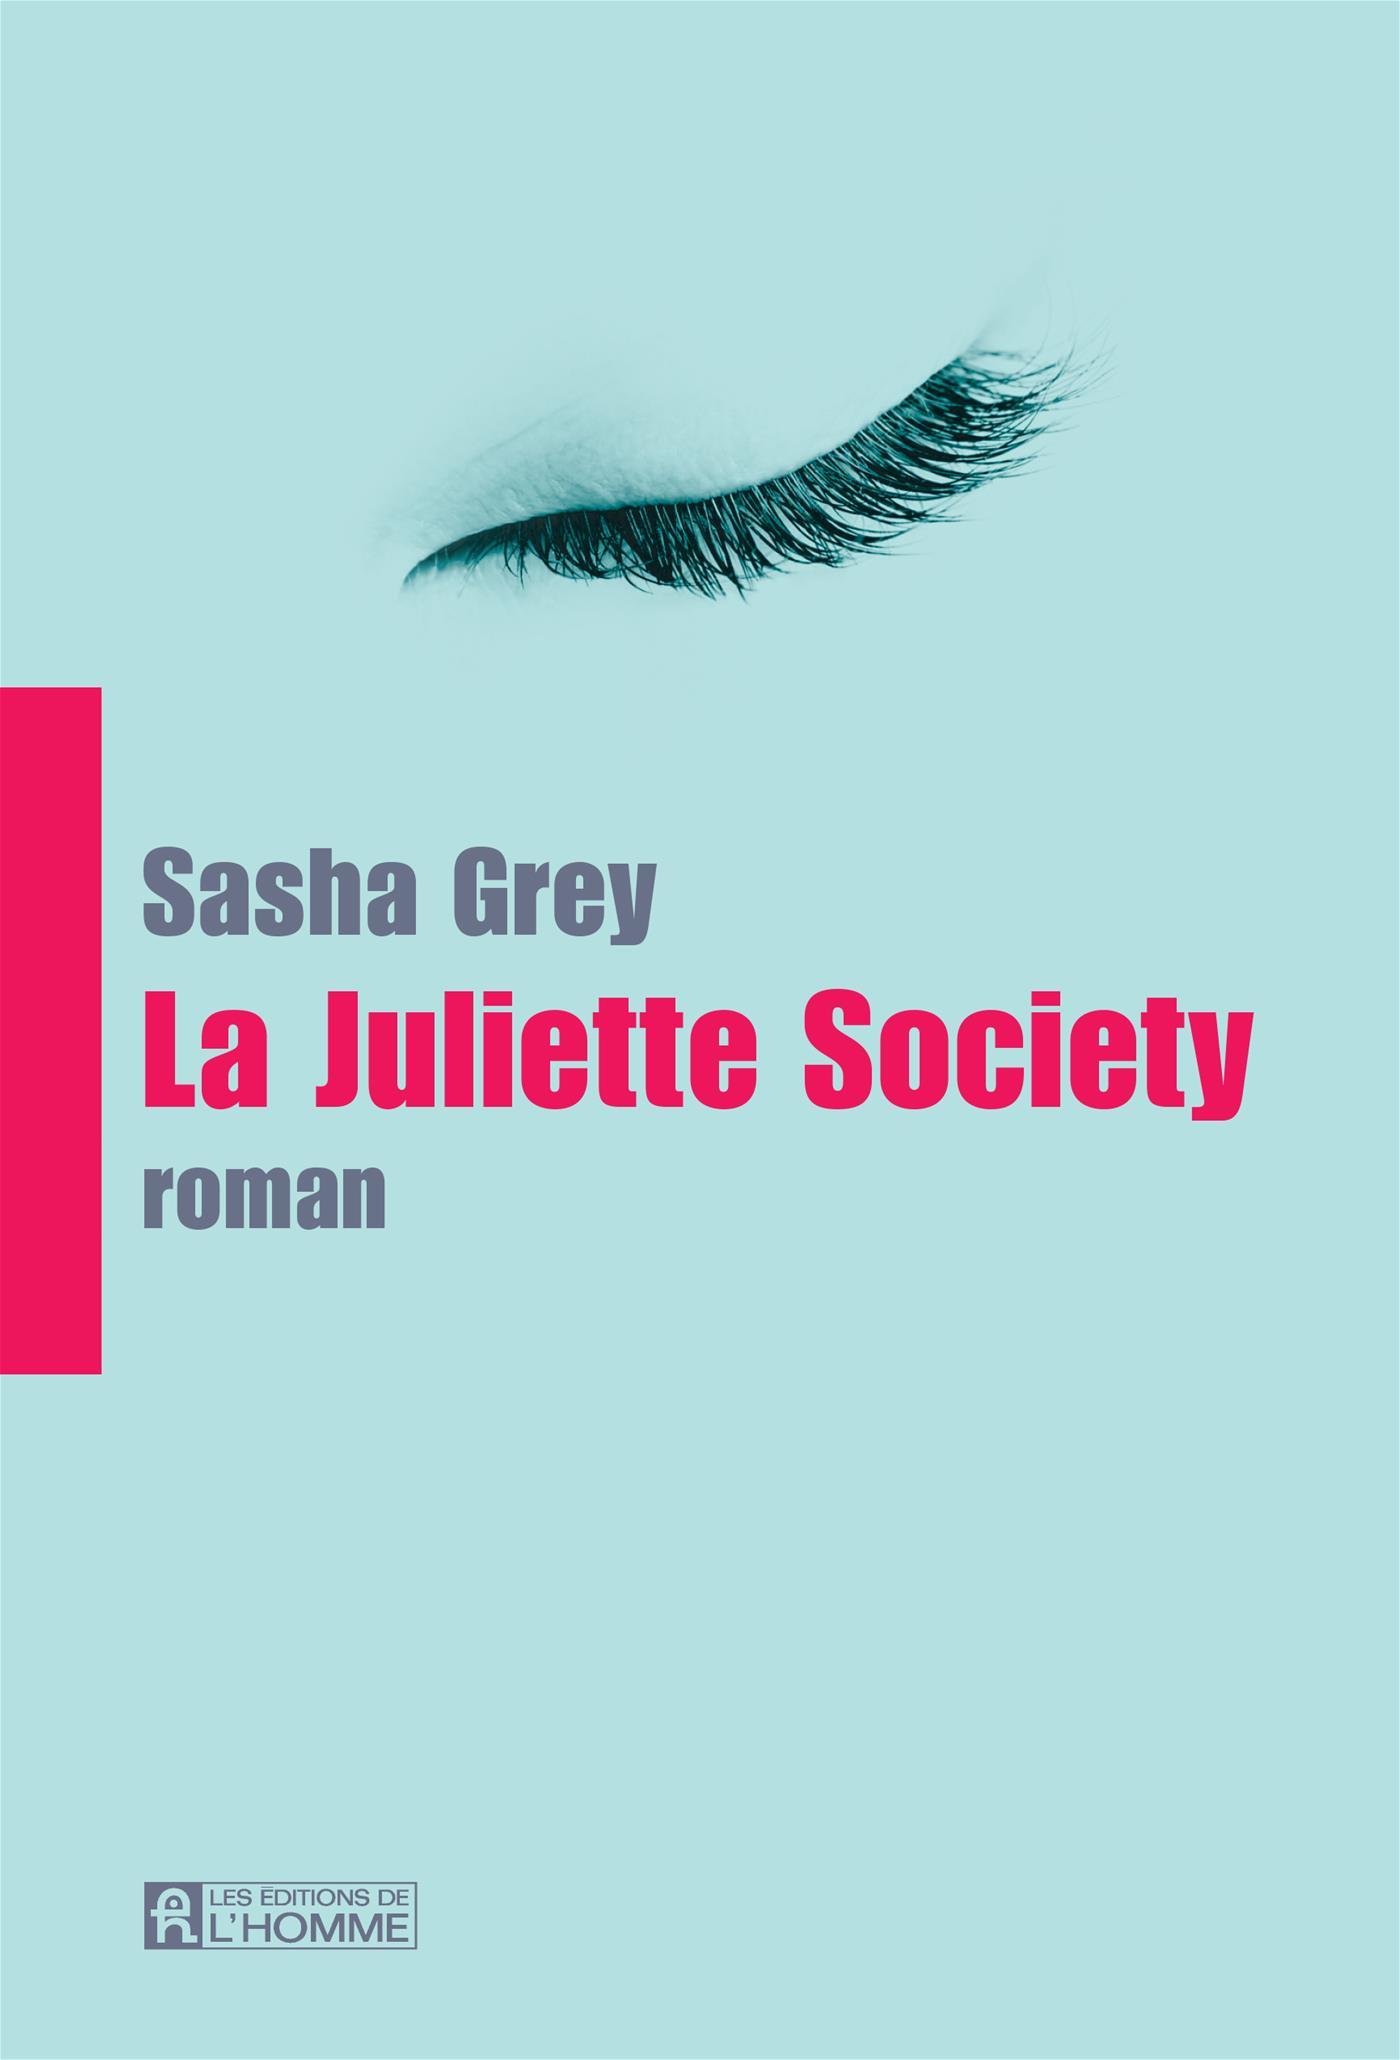 La Juliette Society